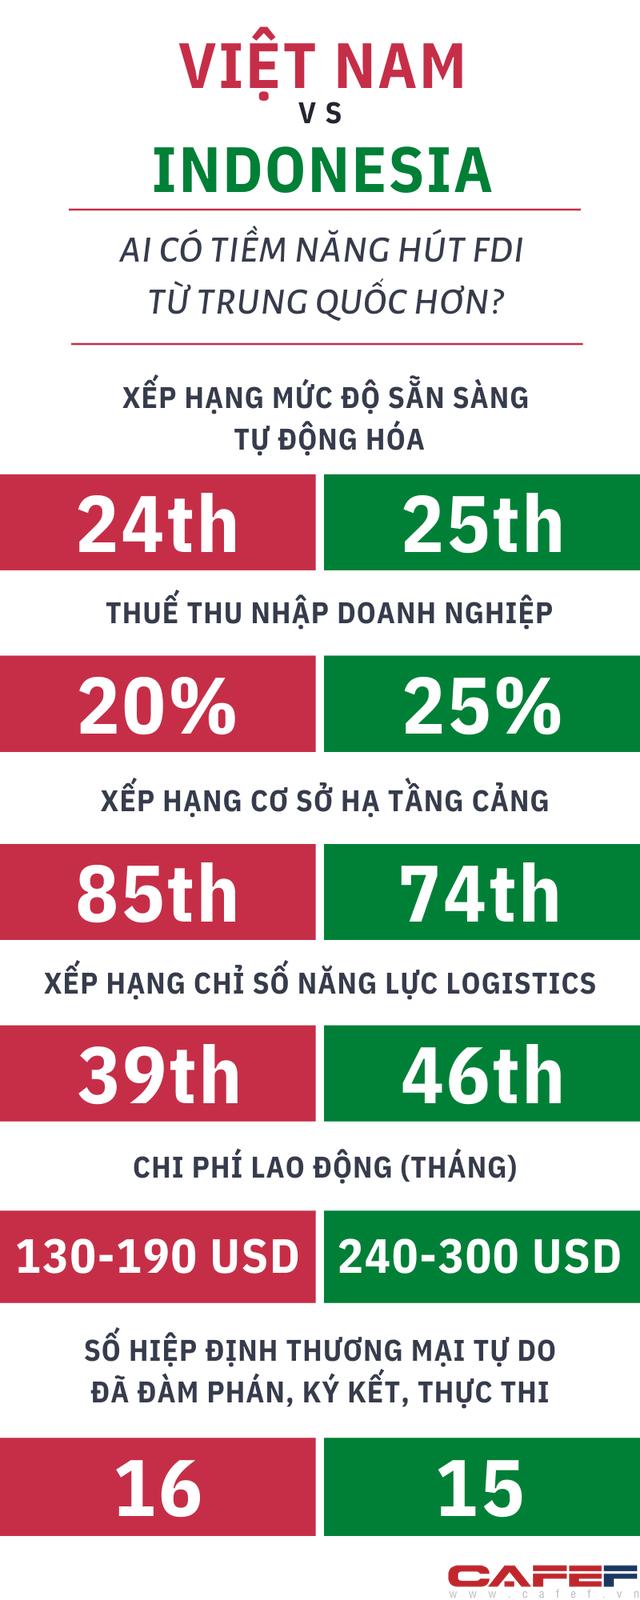 Việt Nam hay Indonesia sẽ có cơ hội thắng trong việc đón nhà máy từ Trung Quốc vào Đông Nam Á? - Ảnh 1.